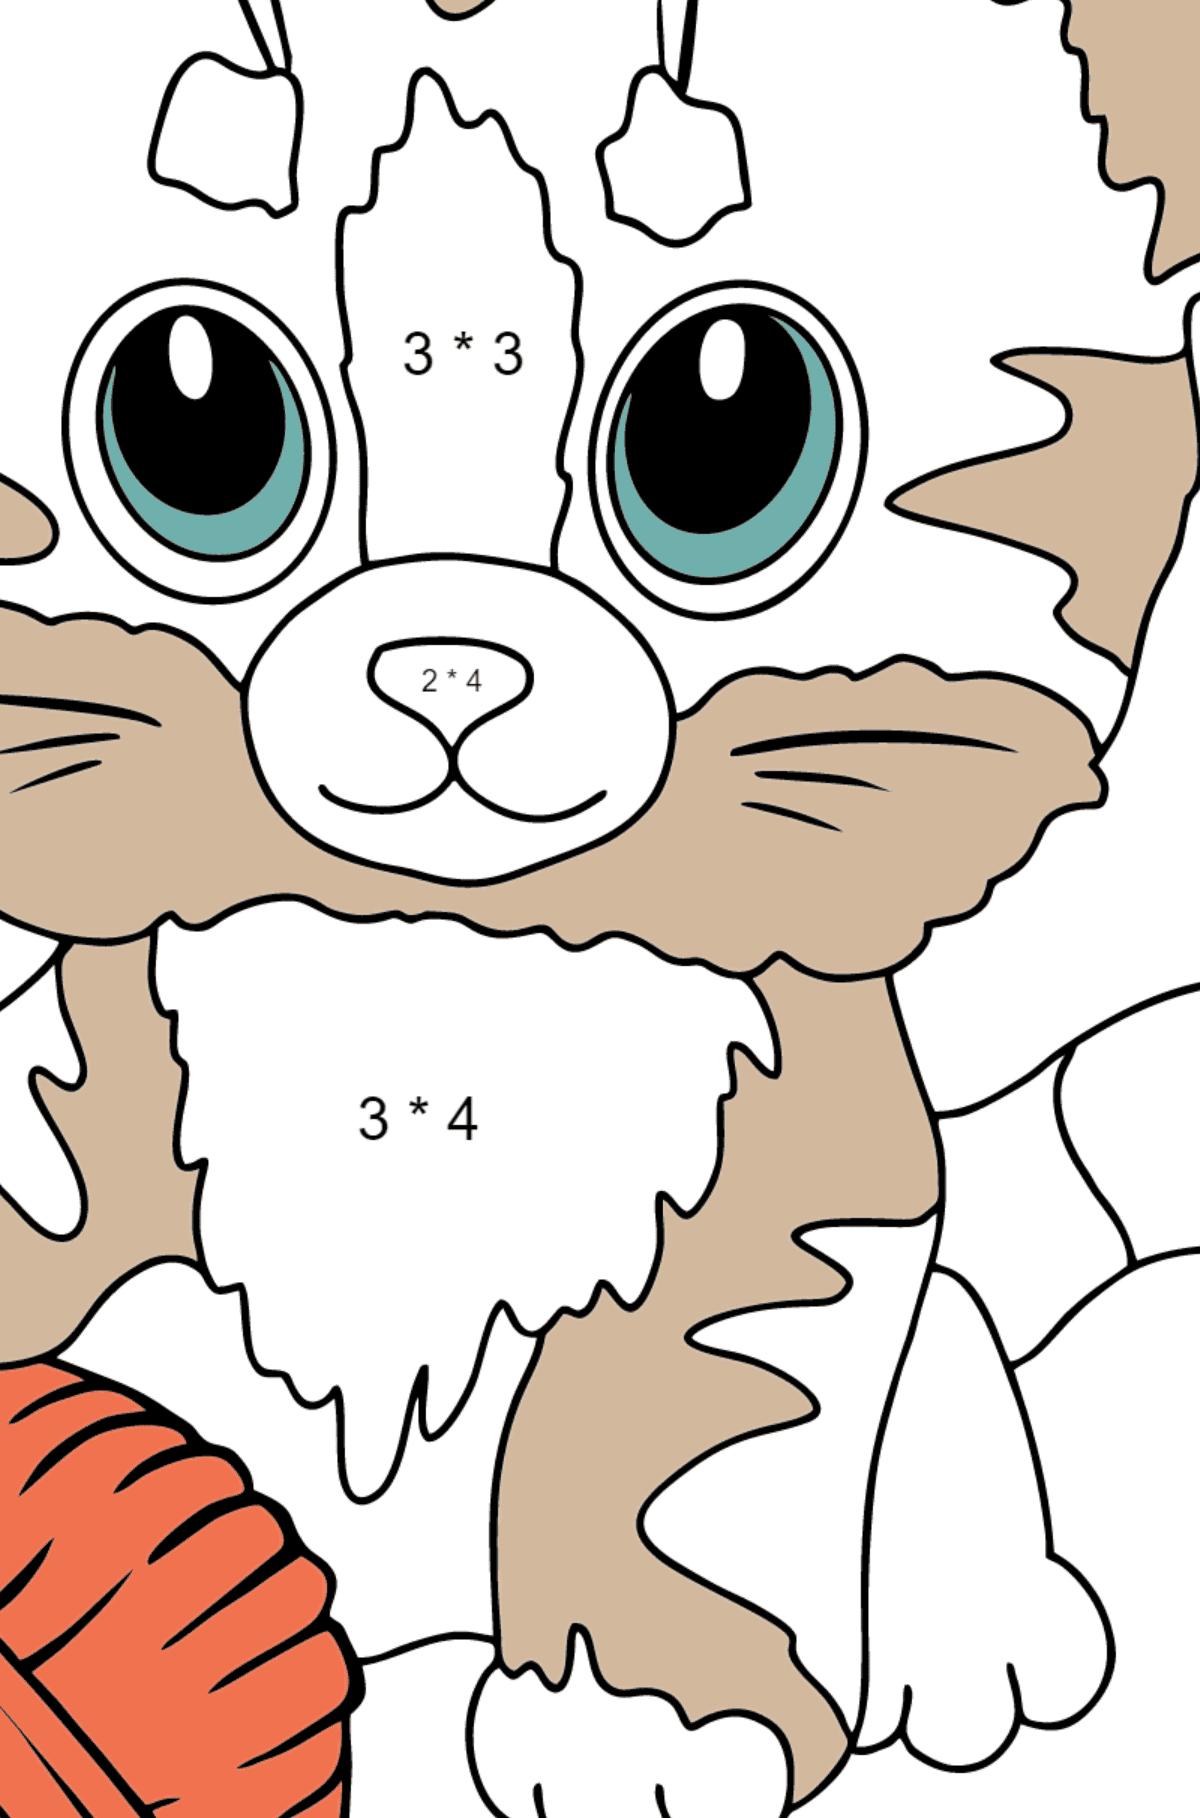 Раскраска котенок поймал клубок ниток - Математическая Раскраска - Умножение для Детей